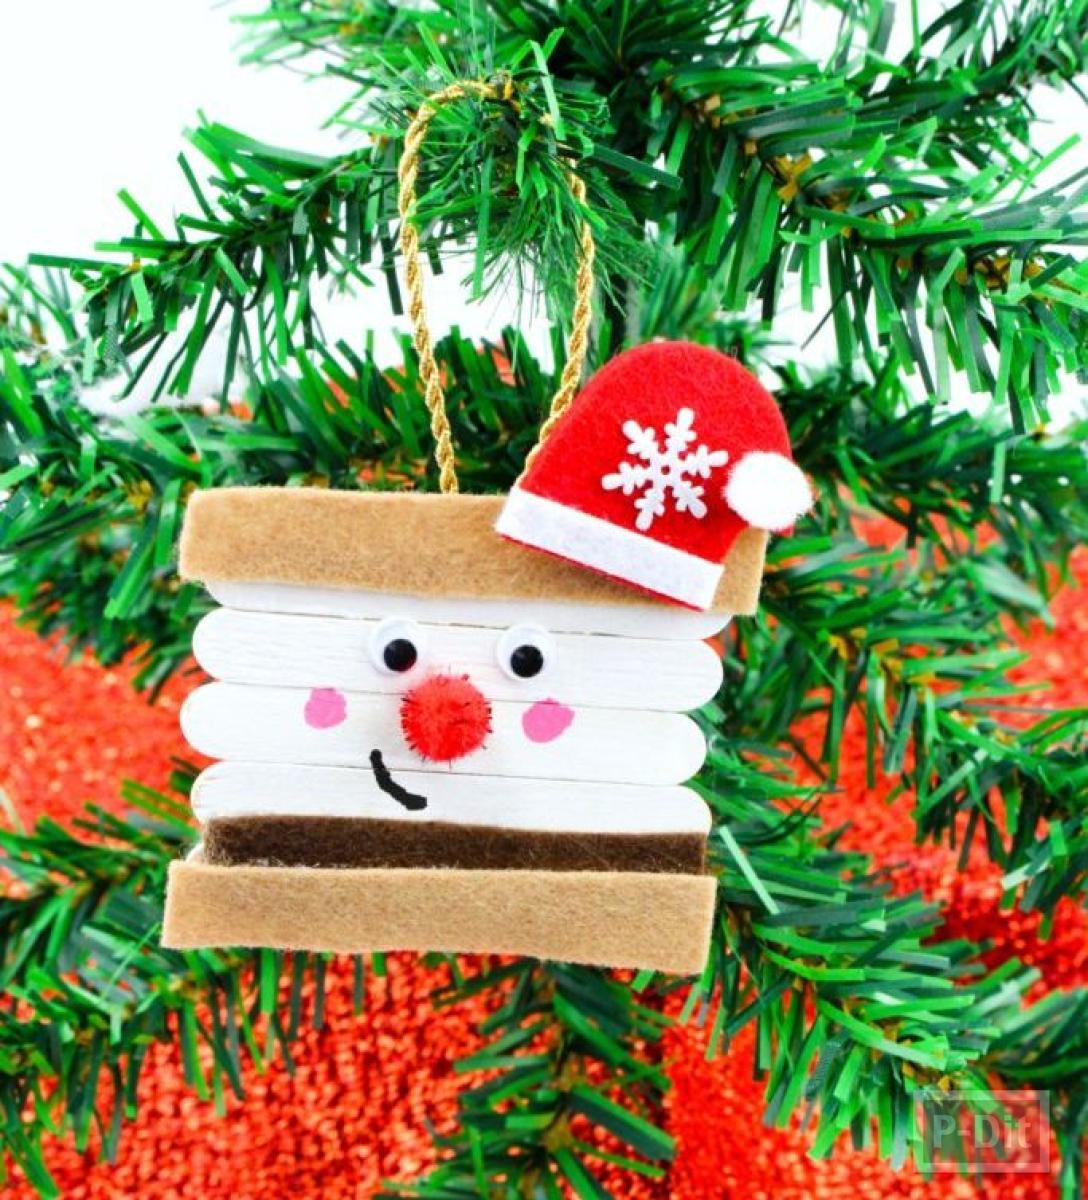 ซานตาครอส ทำจากไม้ไอติม ประดับต้นคริสต์มาส